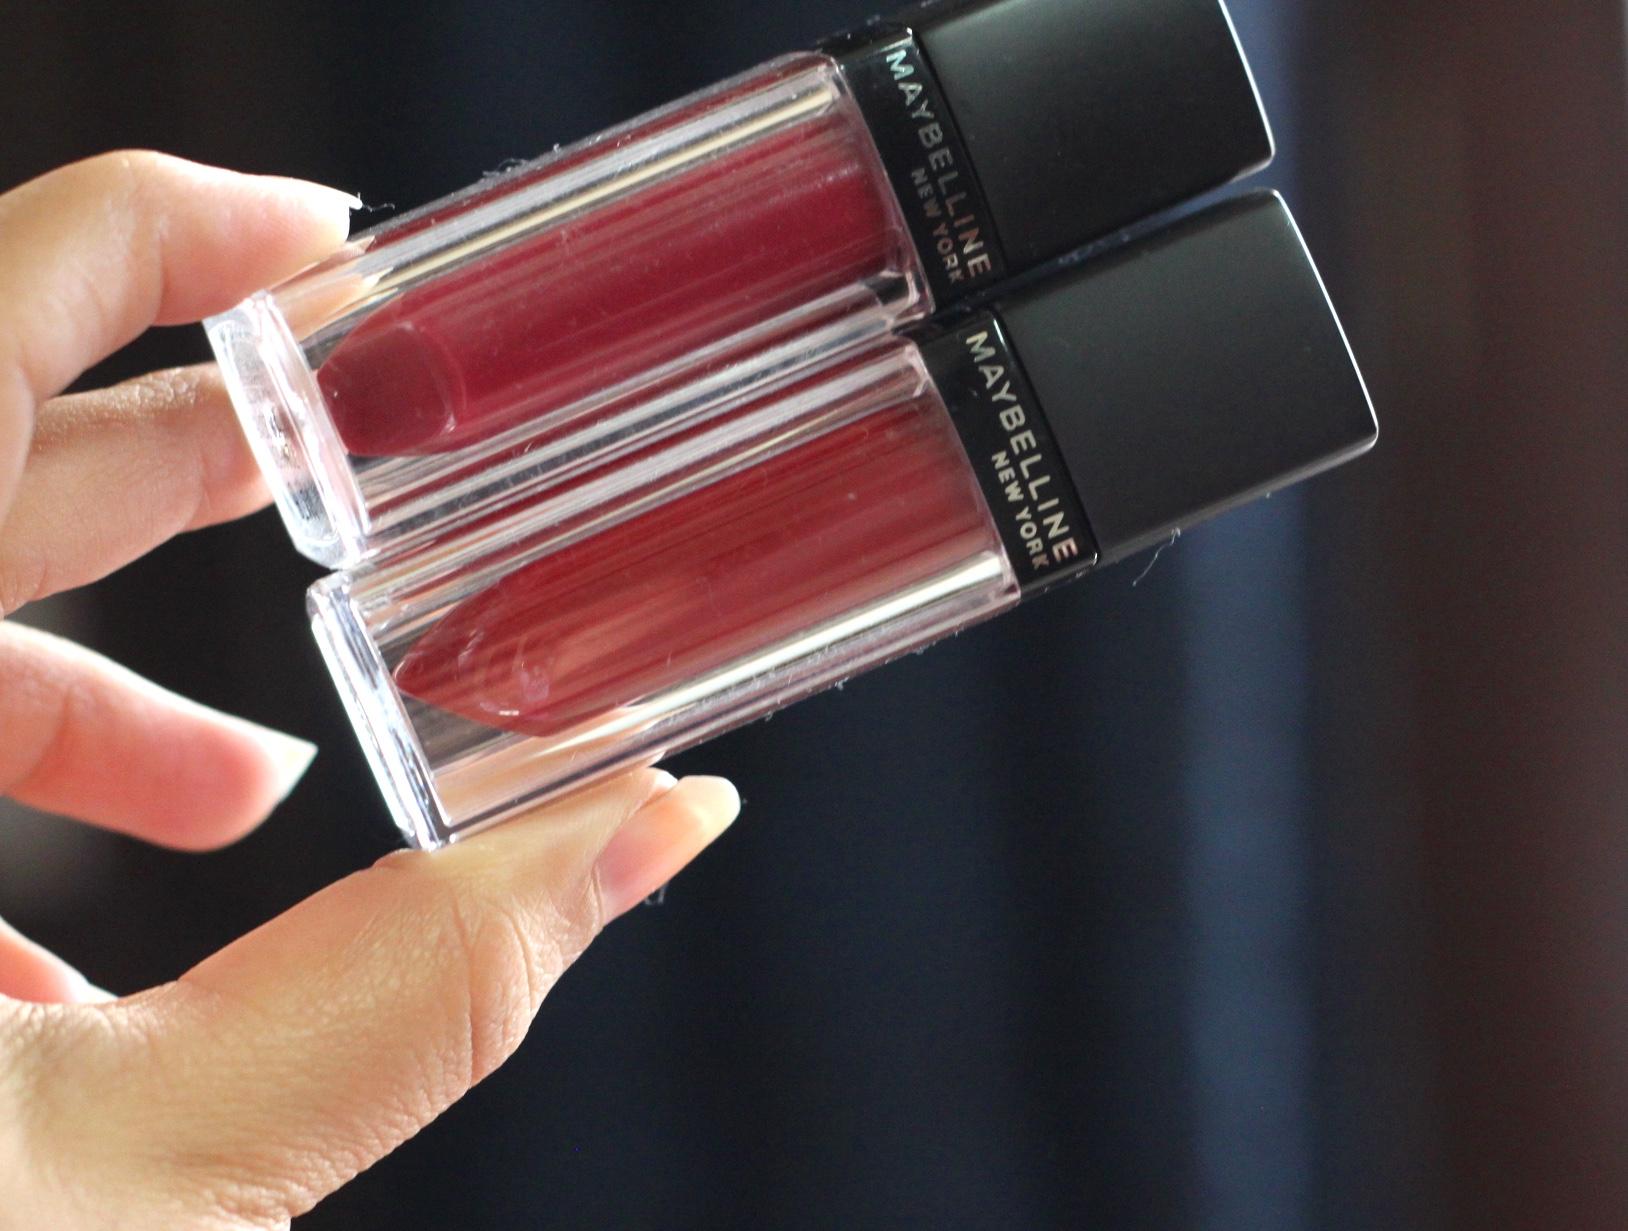 Maybelline Velvet Matte Liquid Lipstick, maybelline liquid lipstick, maybelline matt lipstick, liquid lipstick, velvet matte, matt 6, matt 11